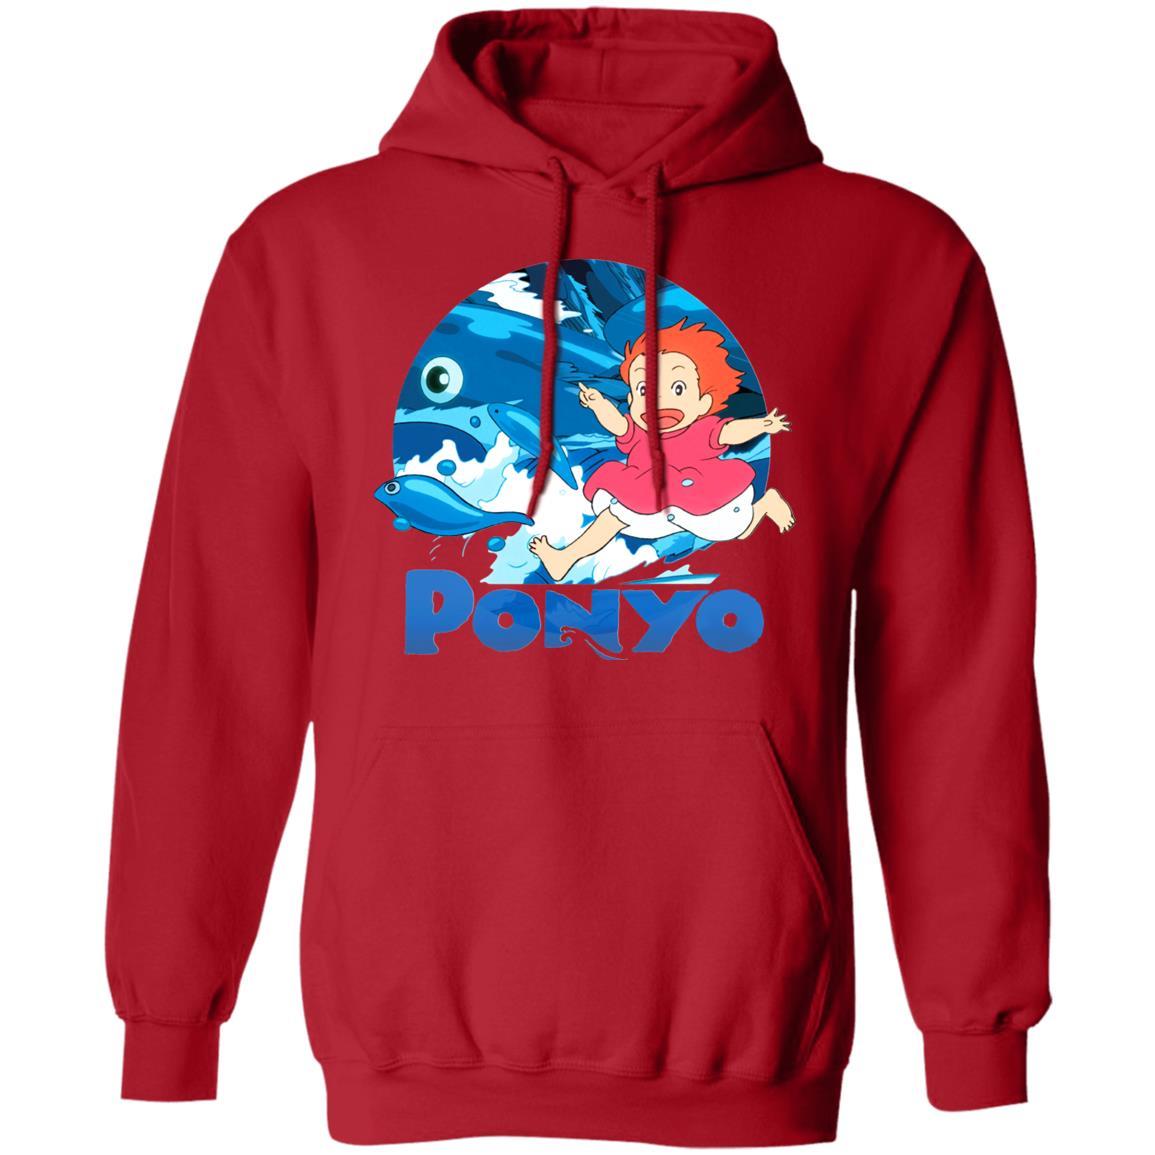 Ghibli Studio Ponyo On The Waves Hoodie Unisex